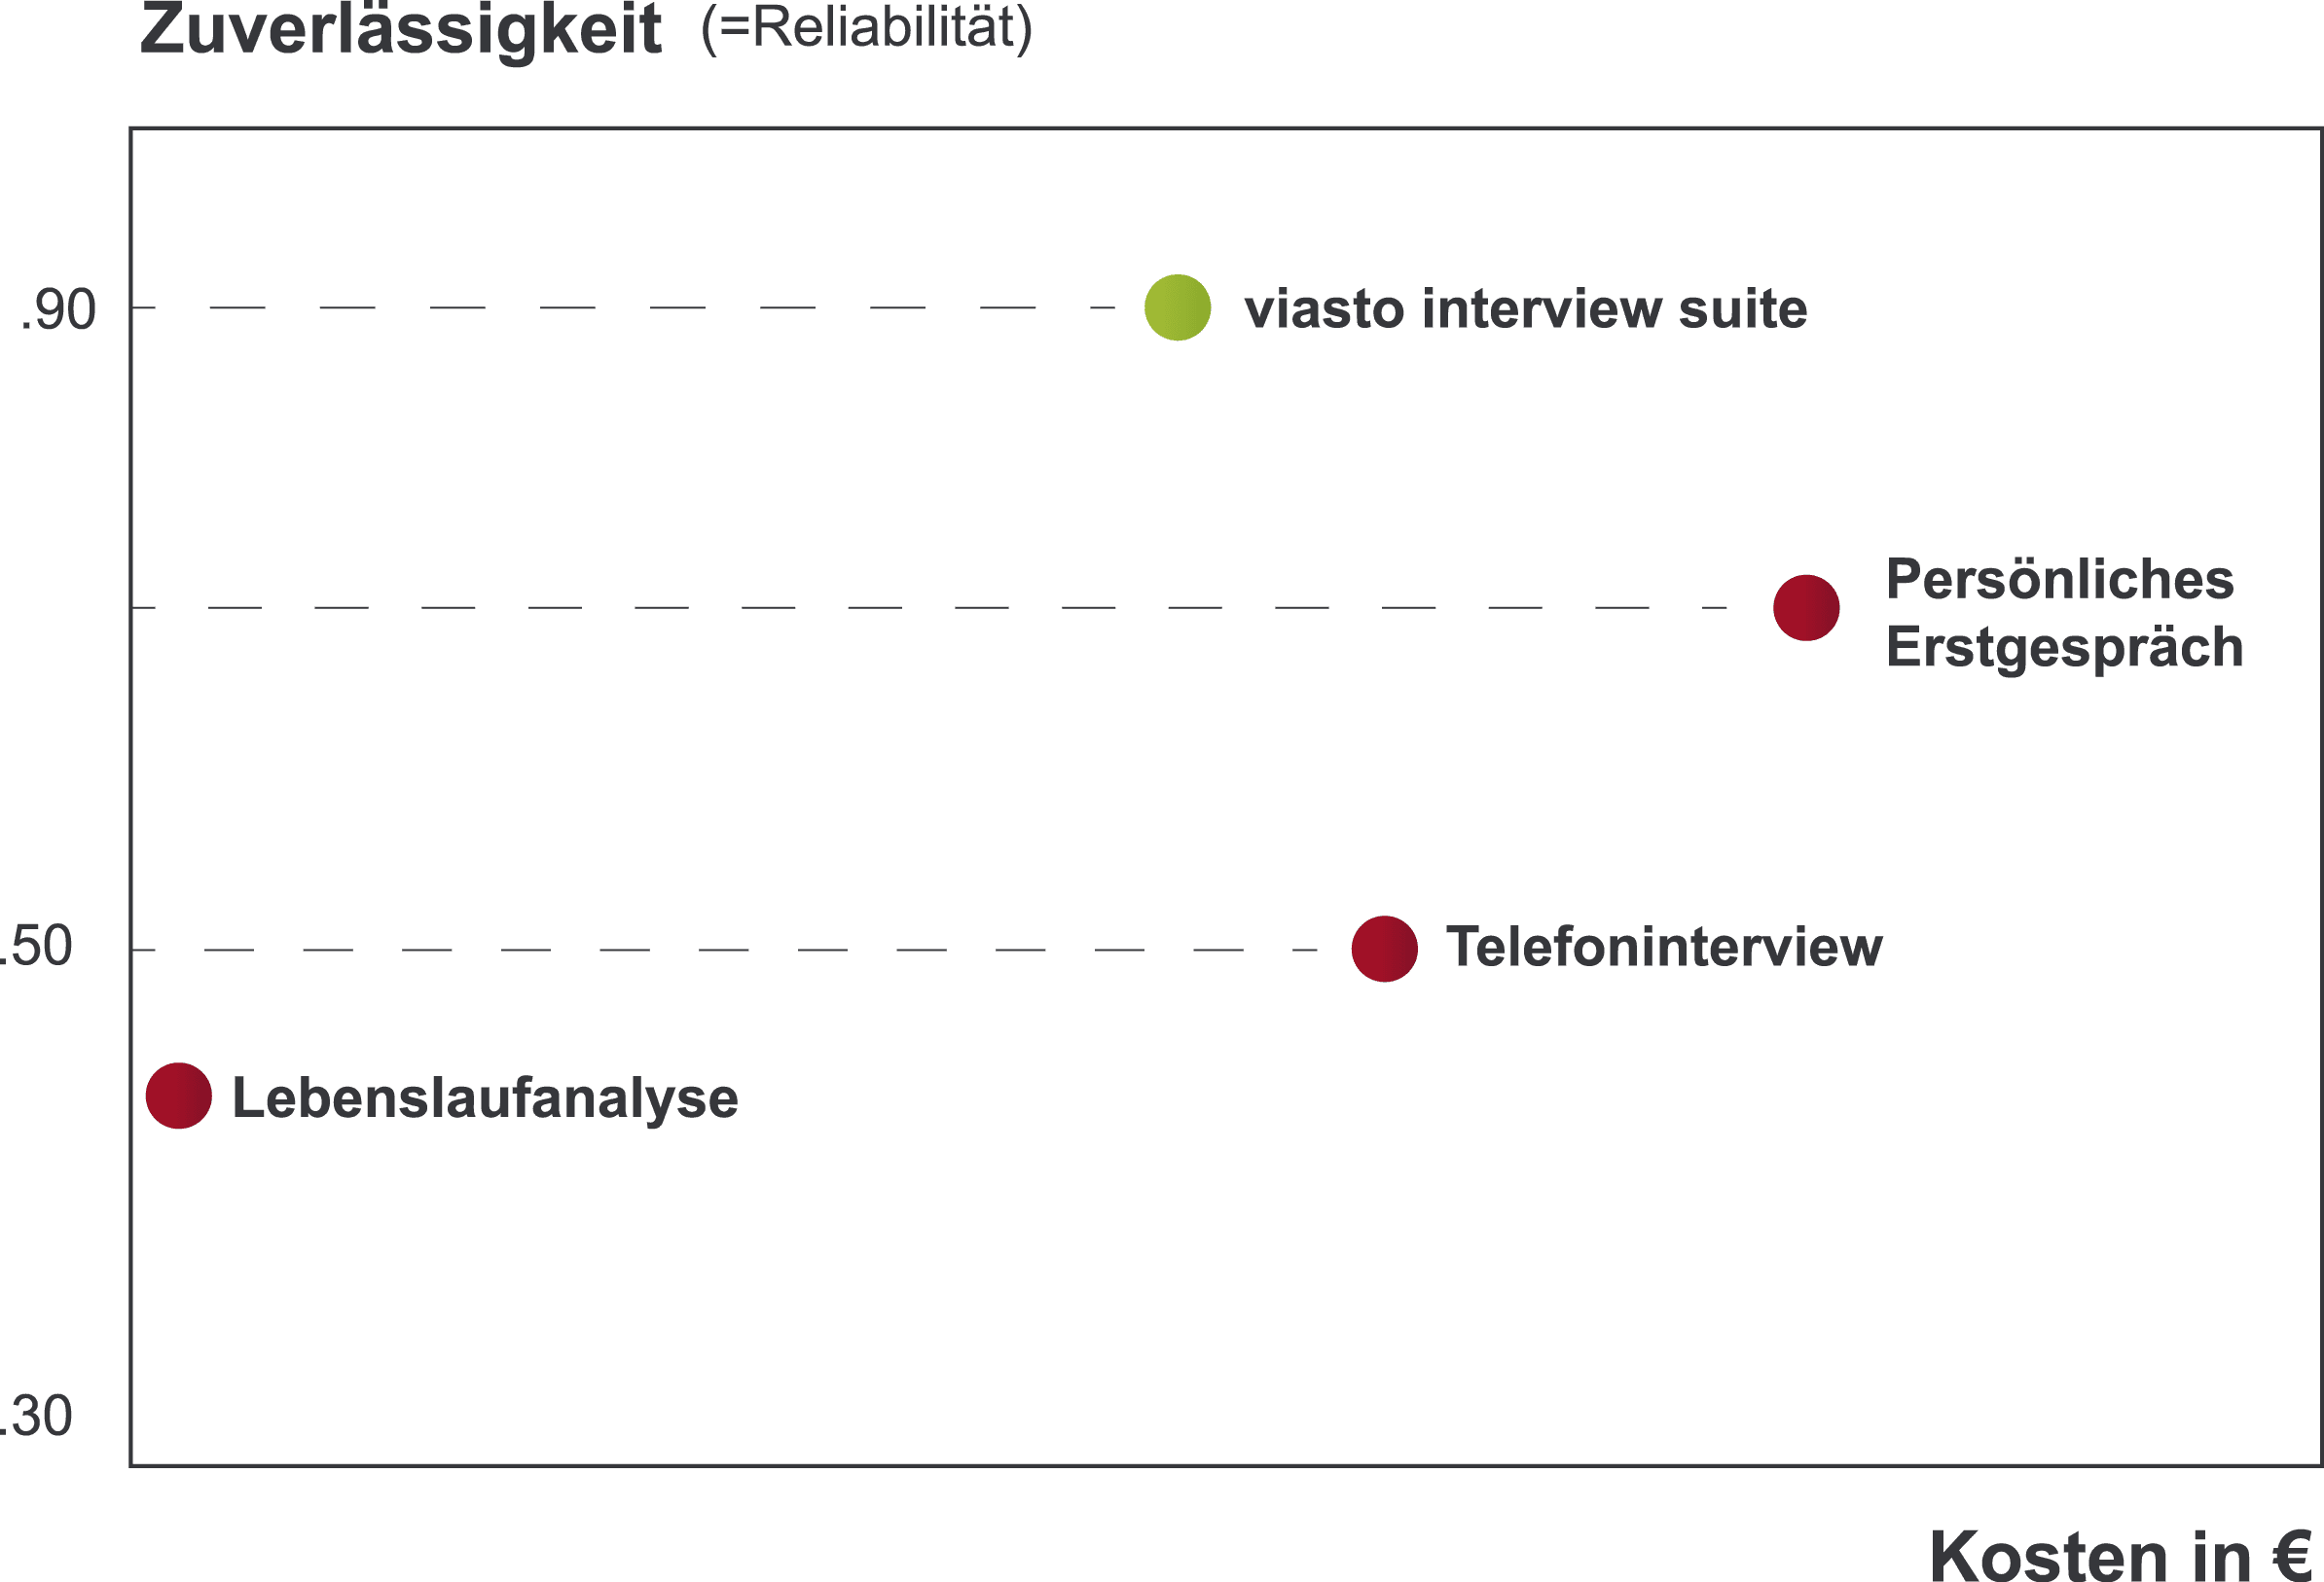 Zuverlässigkeit und Kosten von Personalauswahlverfahren im Vergleich